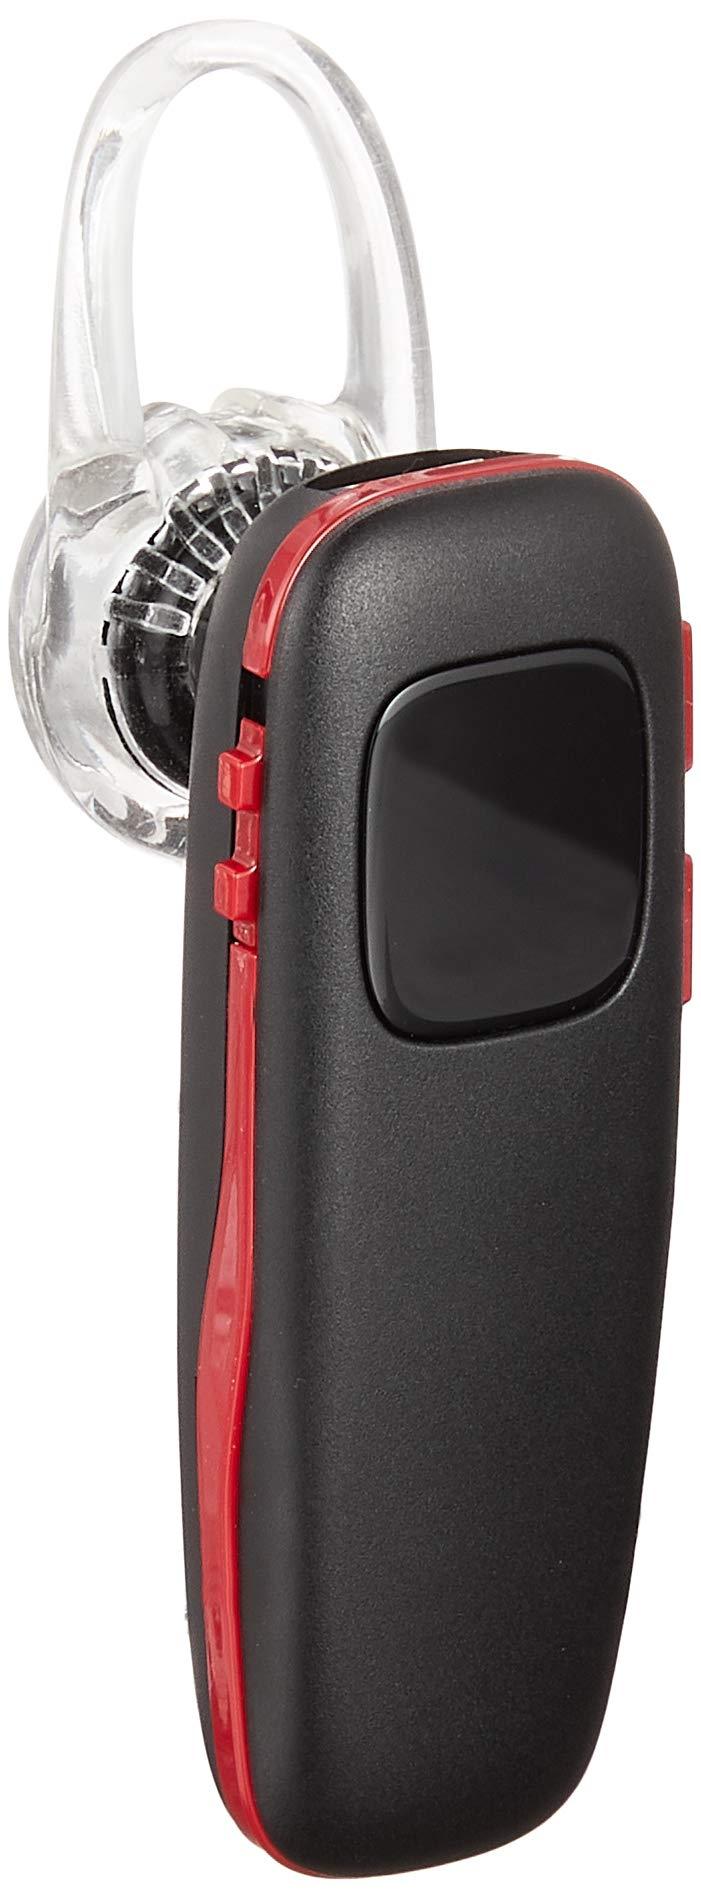 PLANTRONICS Bluetooth ワイヤレスヘッドセット (モノラルイヤホンタイプ) M70 Black-Red M70-BR